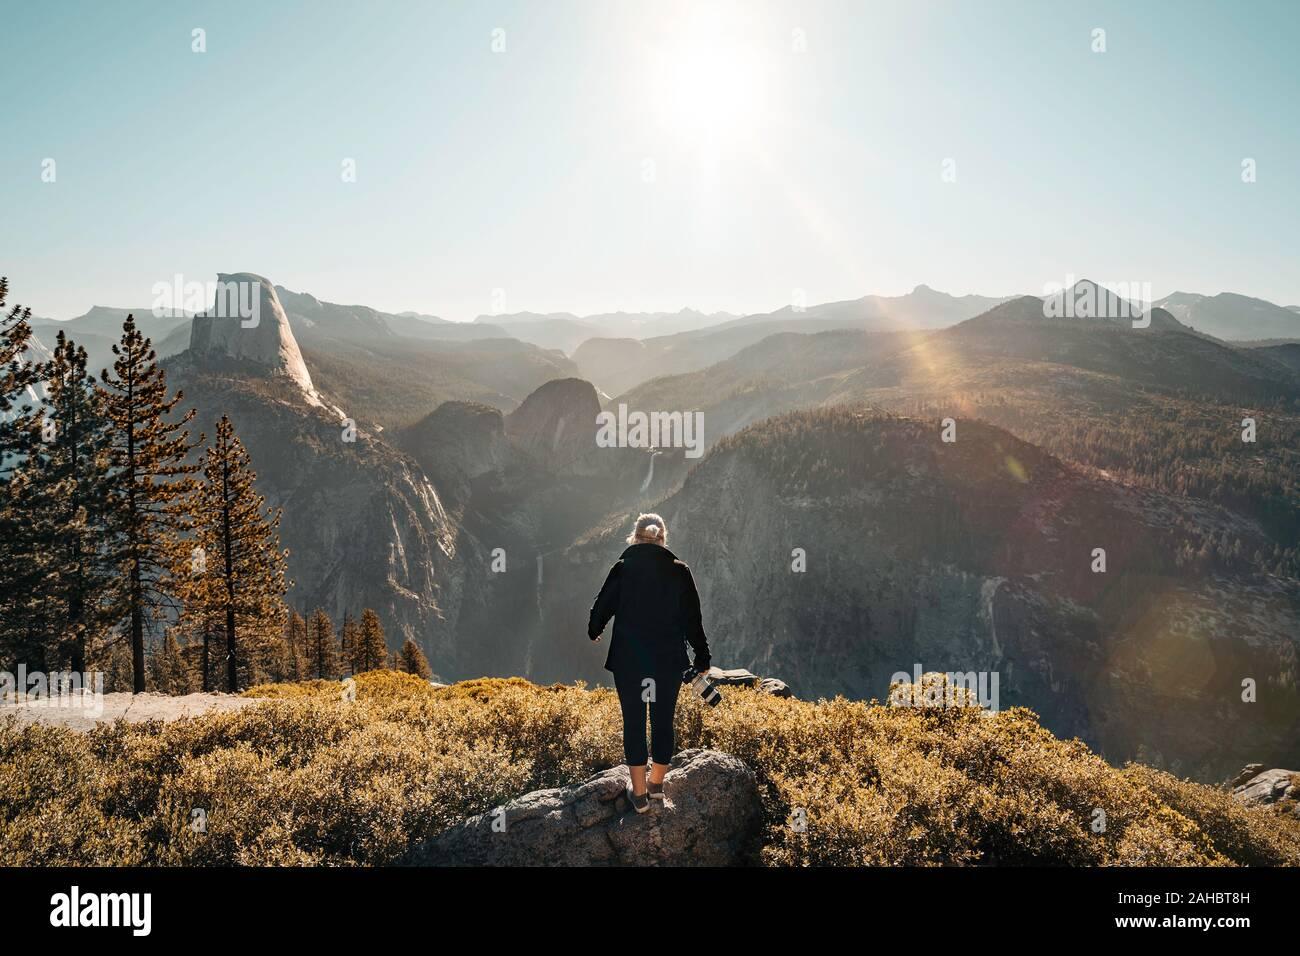 Yosemite Valley View mit Halfdome Landschaft im Hintergrund Stockfoto